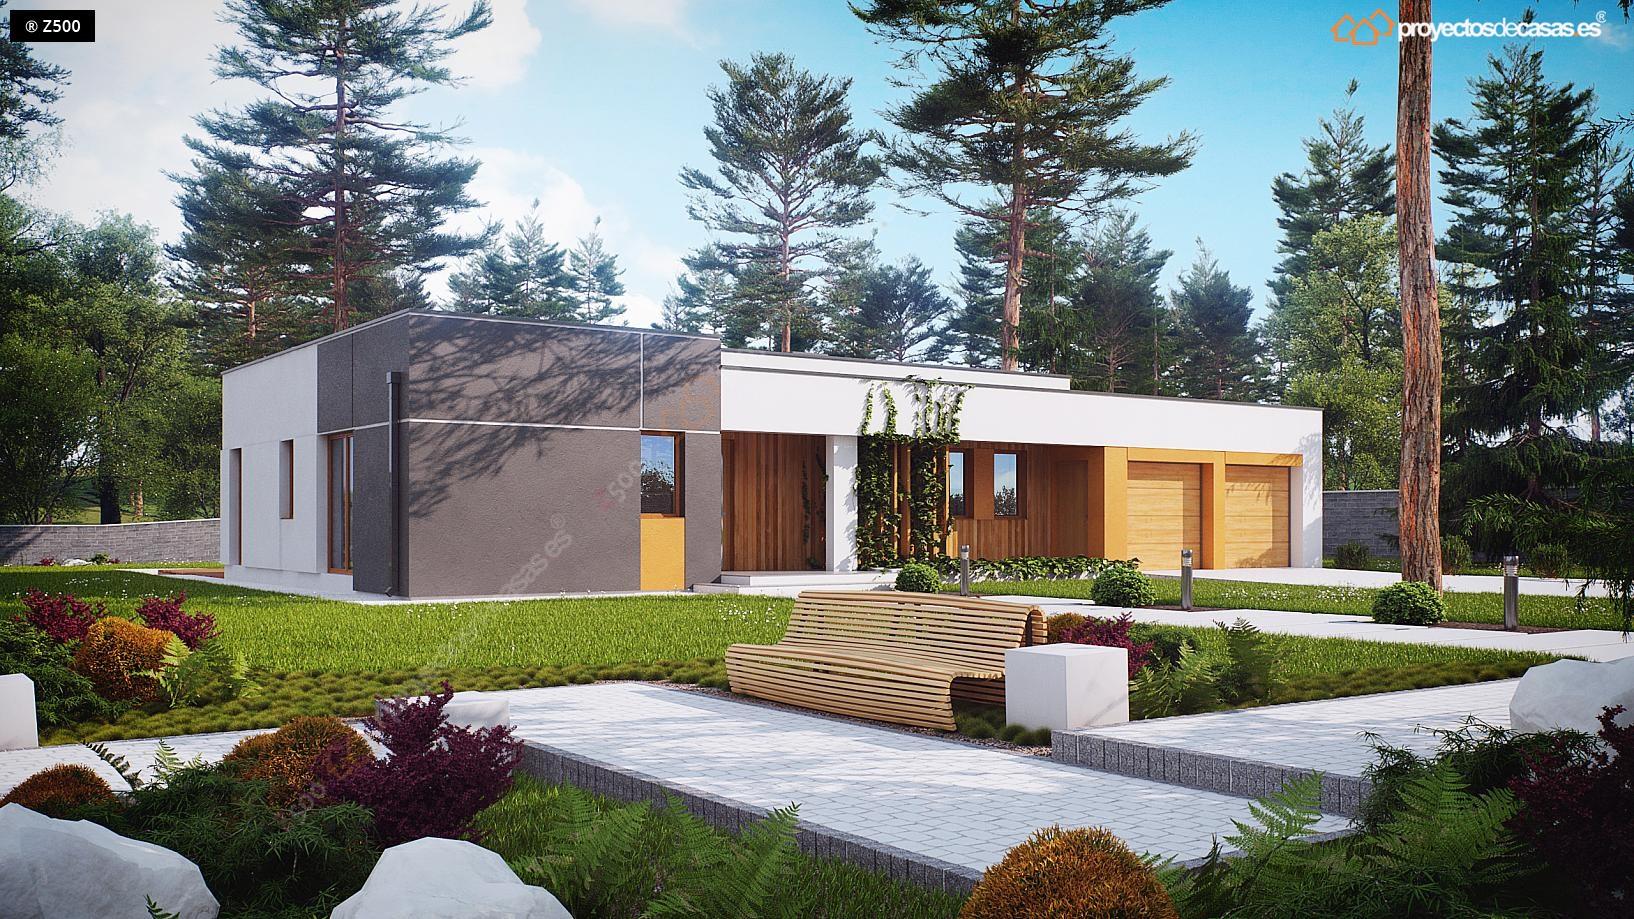 Proyectos de casas casa minimalista de 1 planta con for Casa moderna jardines